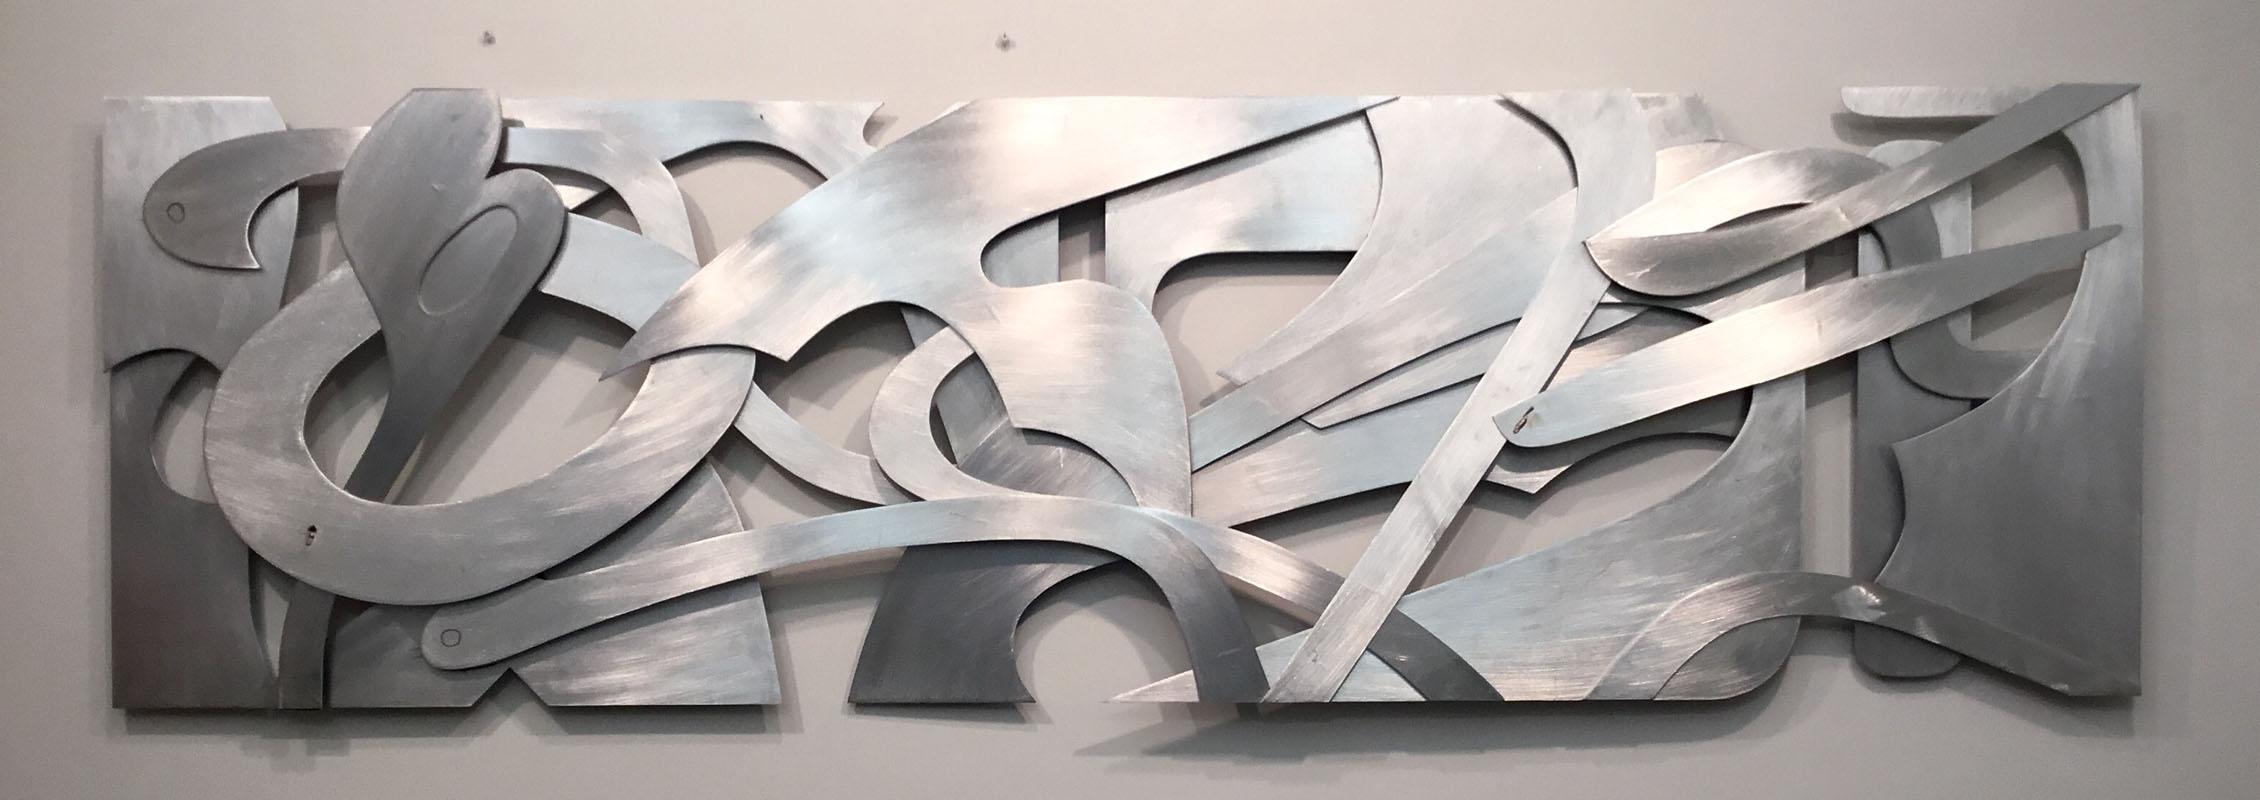 Kevin Barrett - Velocity.jpg